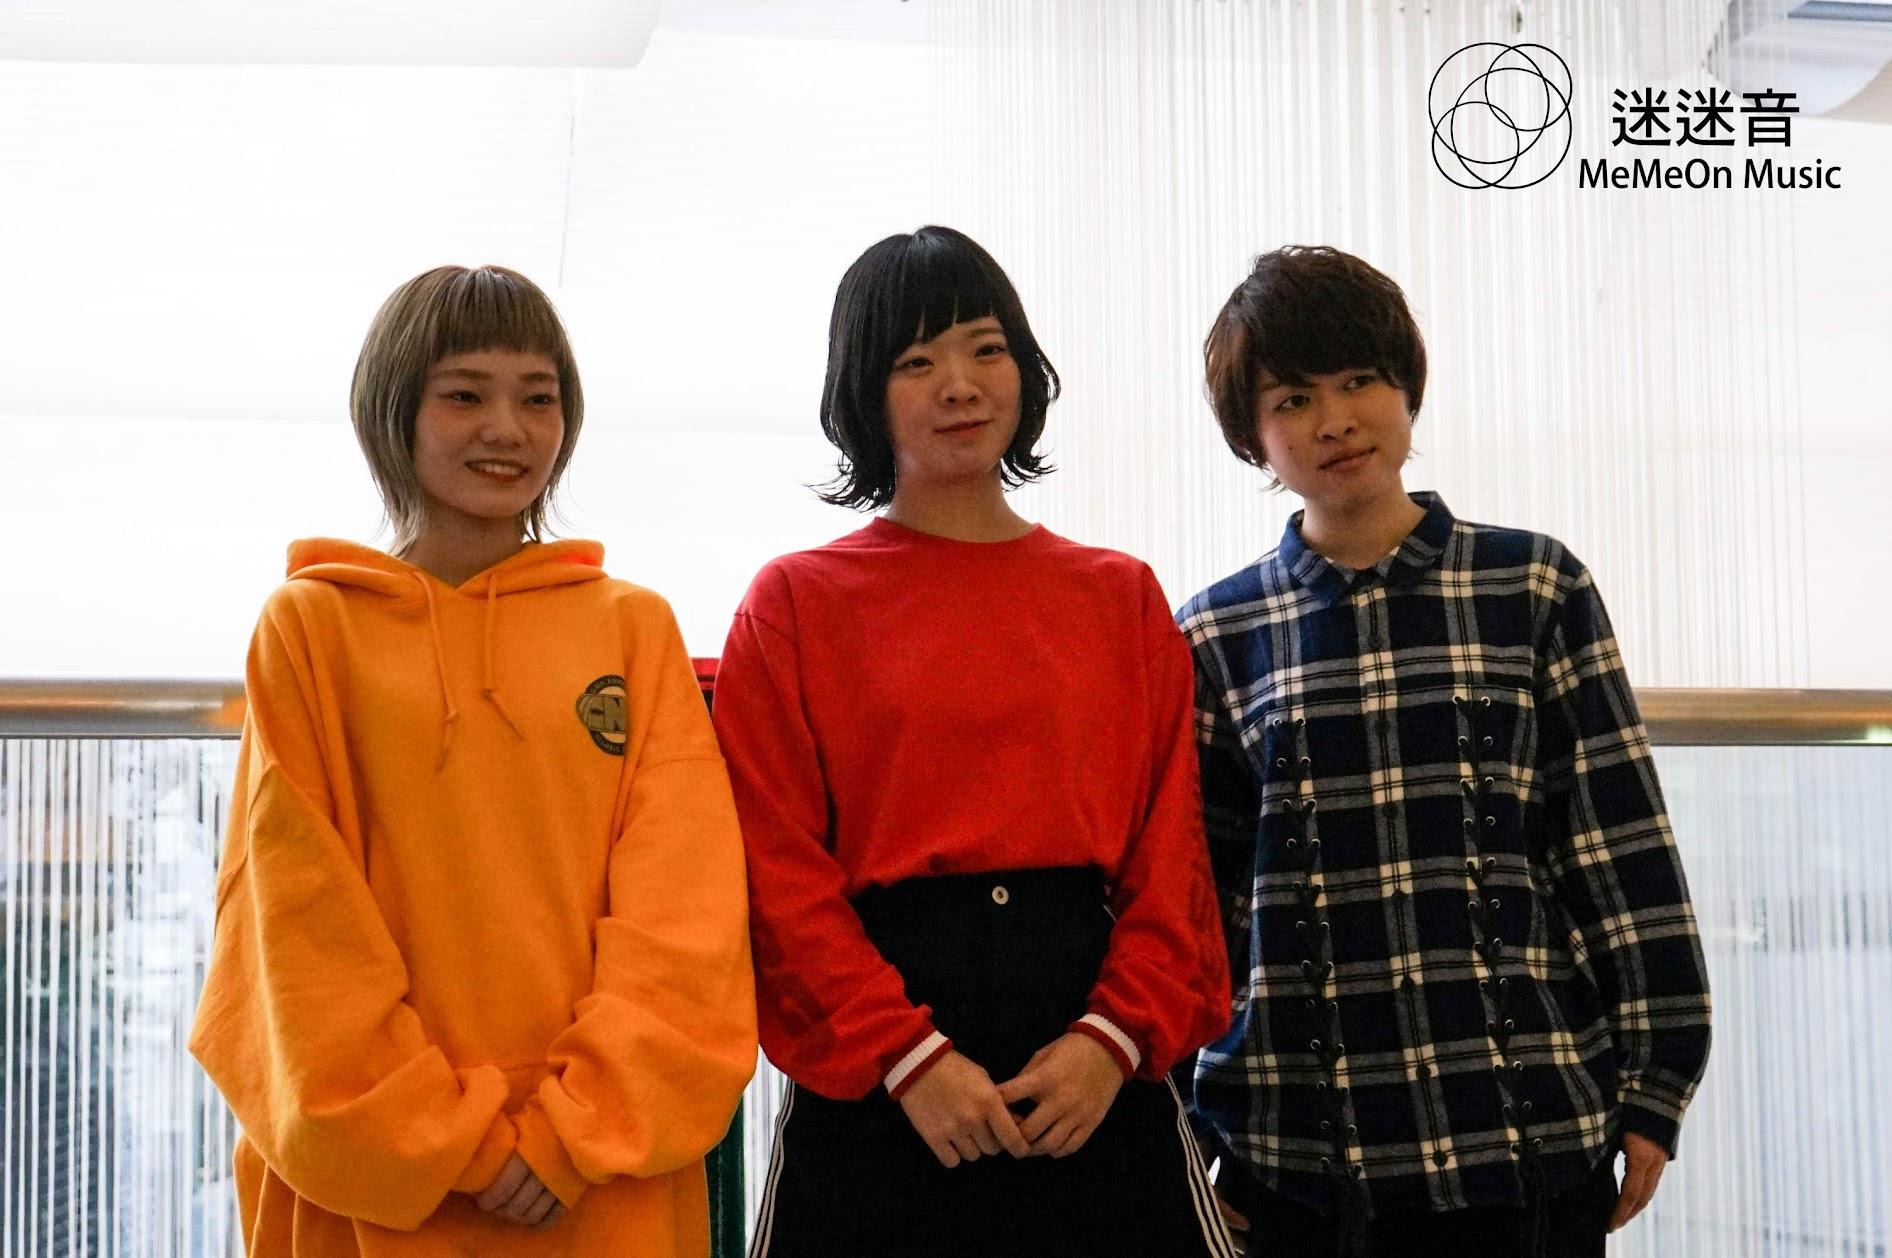 【迷迷訪問】日本超人氣女子樂團 SHISHAMO 聯訪秀中文「我喜歡茄子」